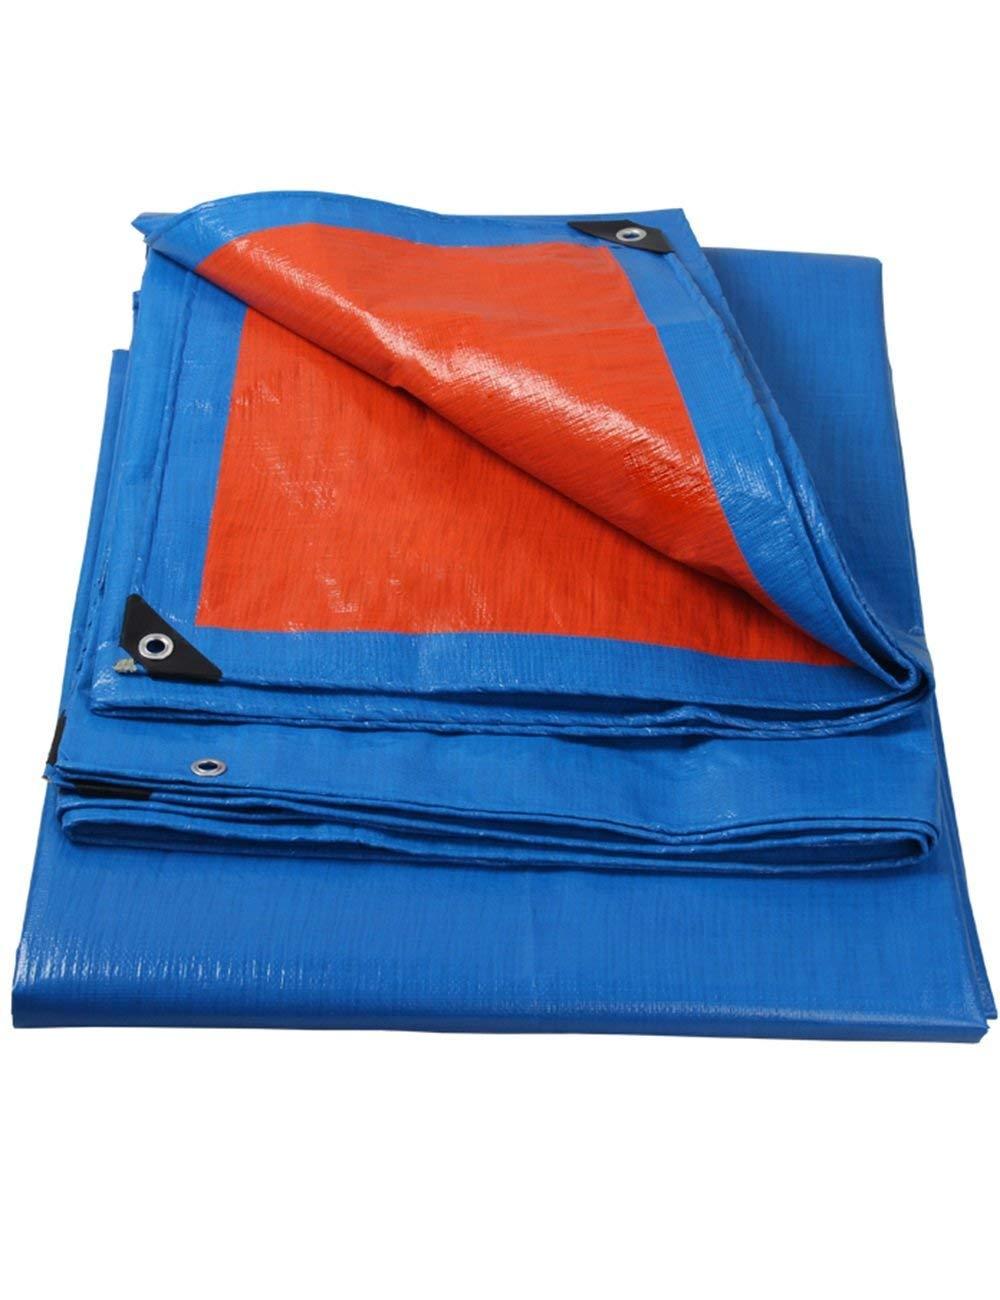 Fonly Telo di tela cerata blu arancio Telo Telo Telo per tenda da campeggio impermeabile Tarp (Dimensione   3m5m) B07GWVWLTS 3m5m | Forte calore e resistenza all'abrasione  | La prima serie di specifiche complete per i clienti  | Alta sicurezza  | caratteristica 12e354